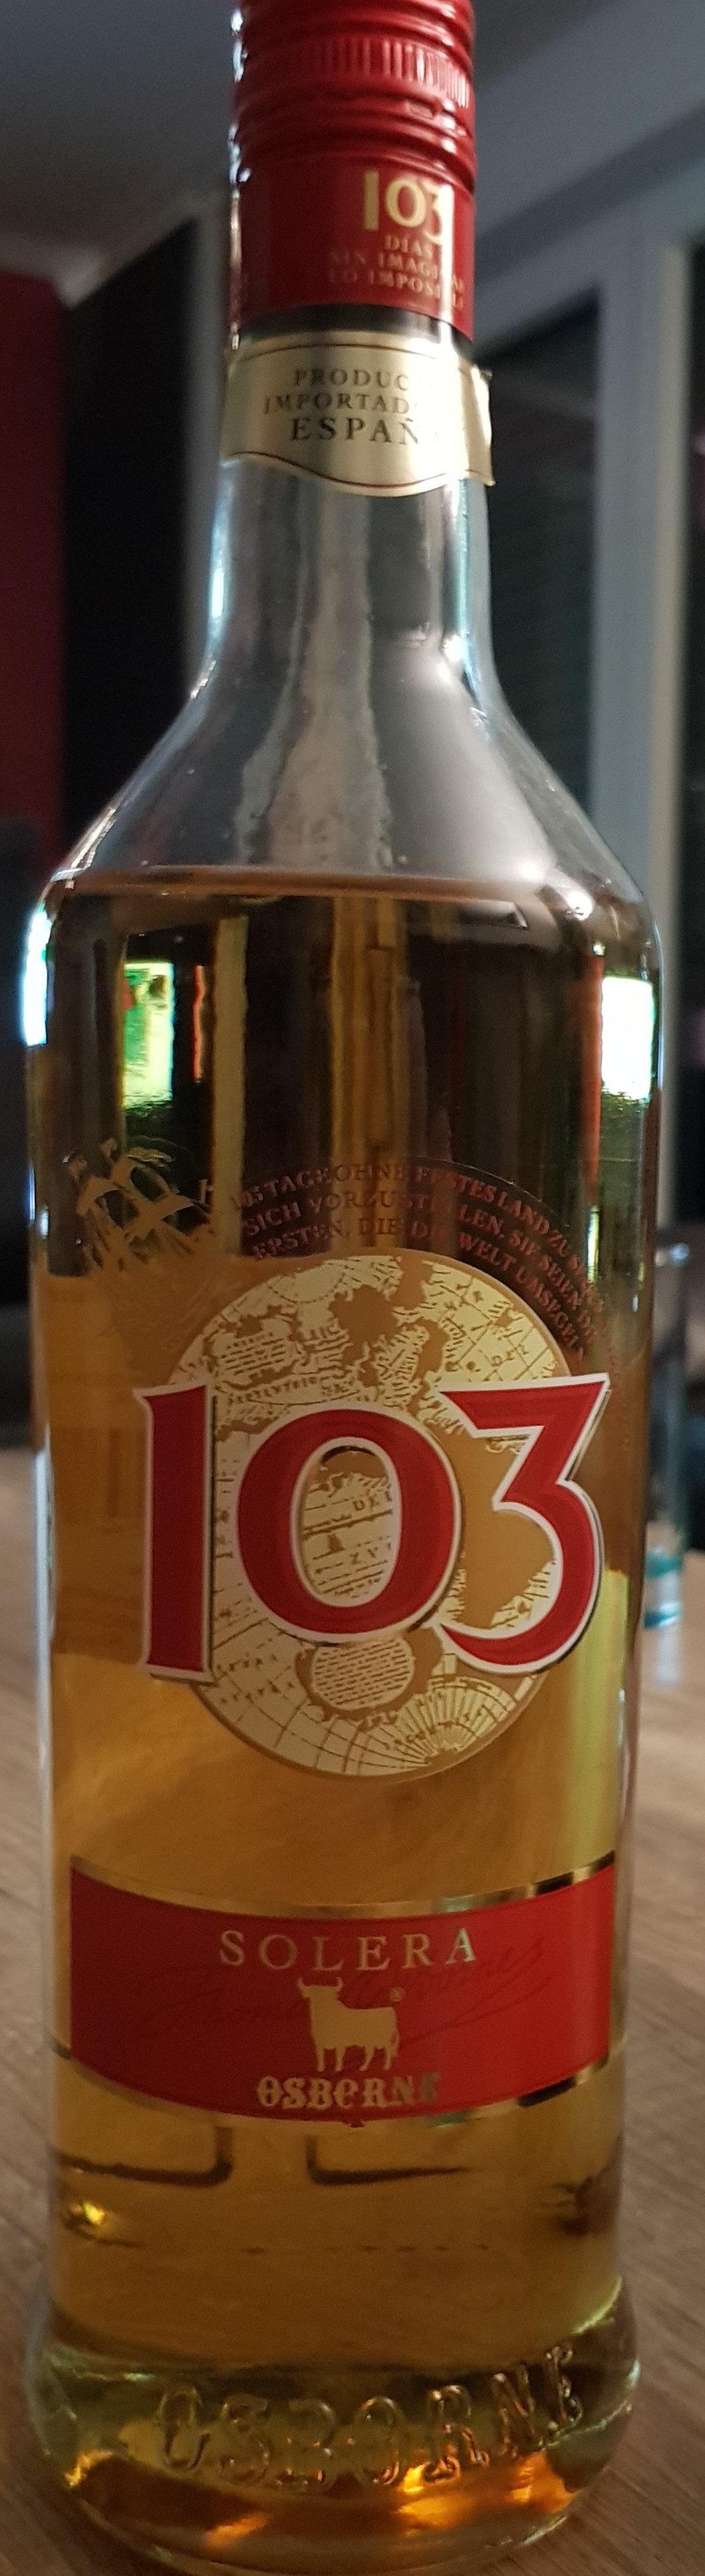 osborn 103 - Product - de